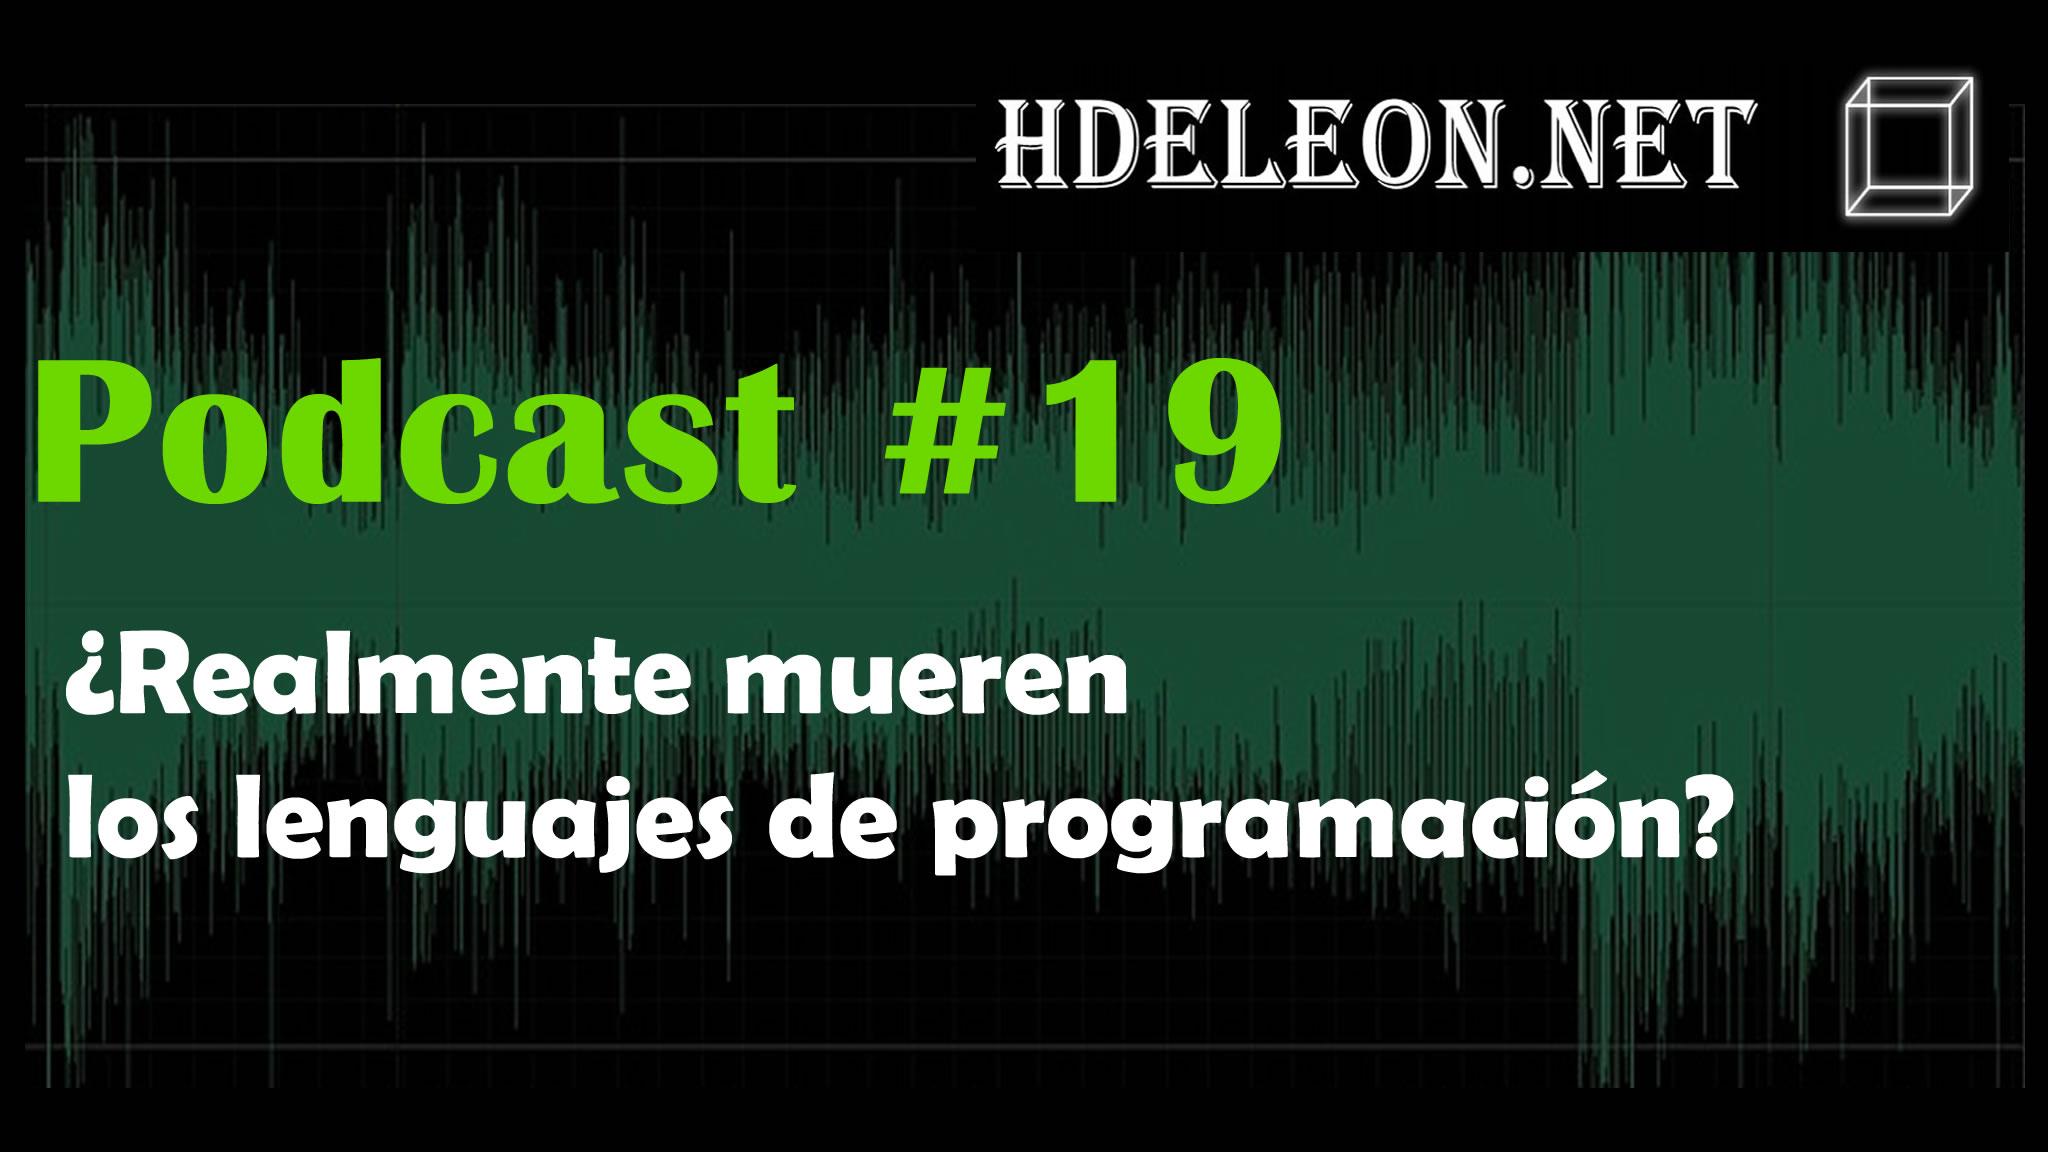 Podcast #19 – ¿Realmente mueren los lenguajes de programación?